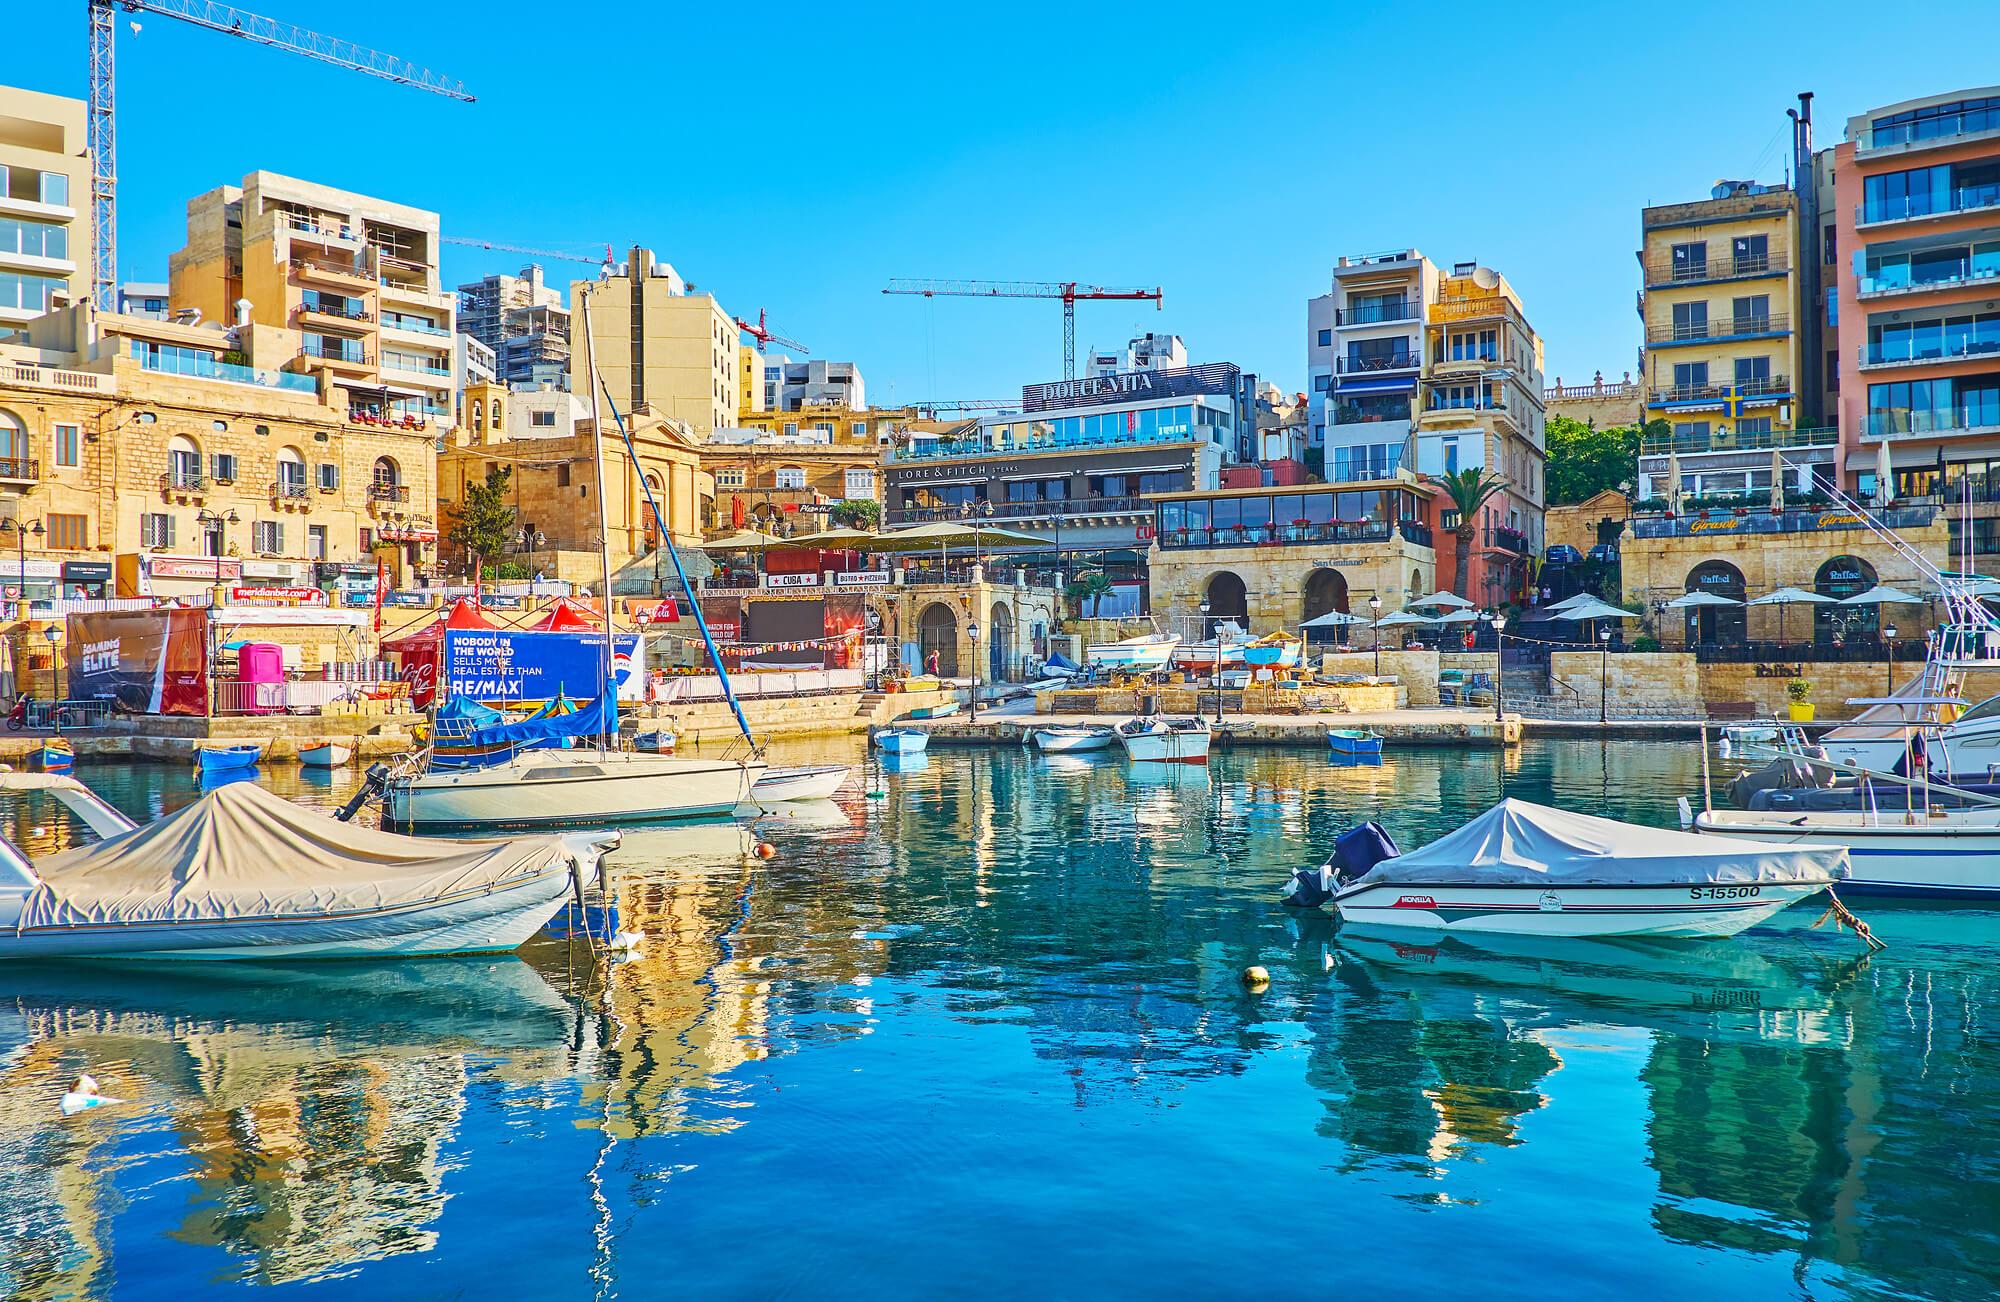 Bericht über Online Casinos & Malta